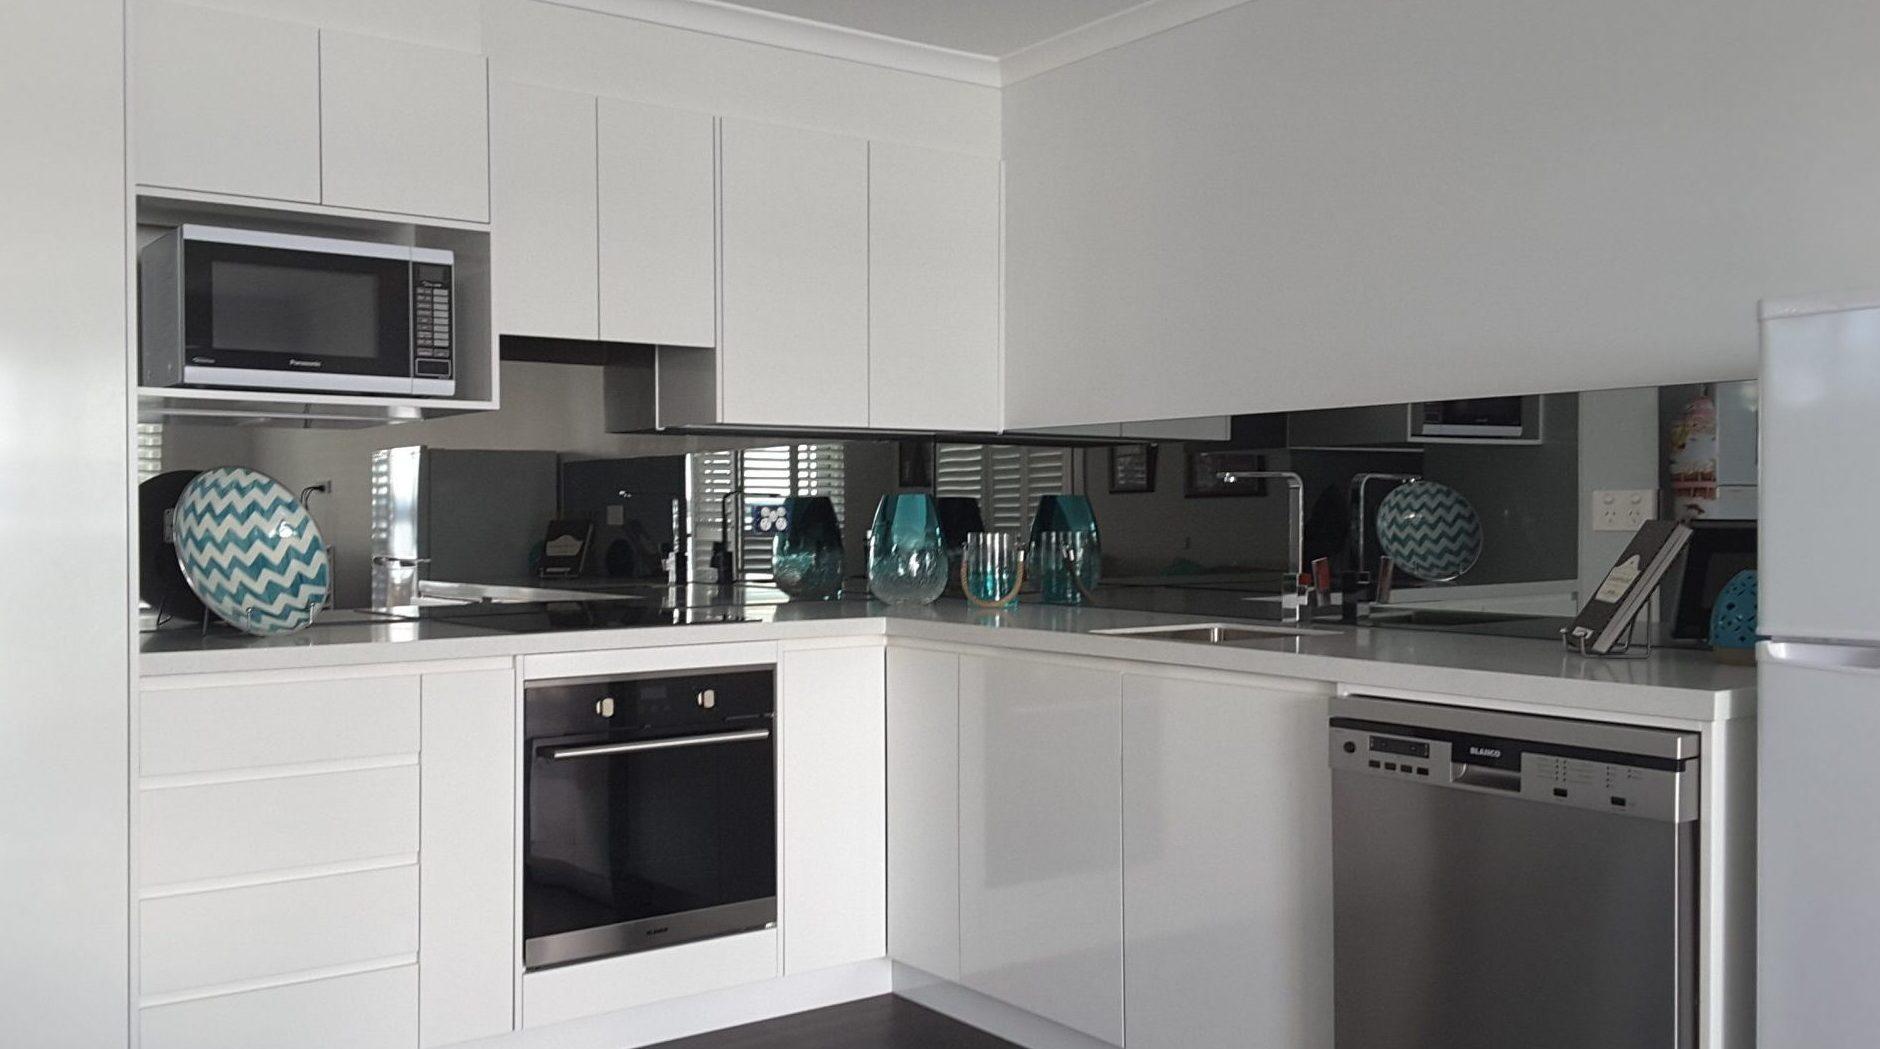 Kitchen Splashbacks in GLASS - OzzieSplash Pty.Ltd